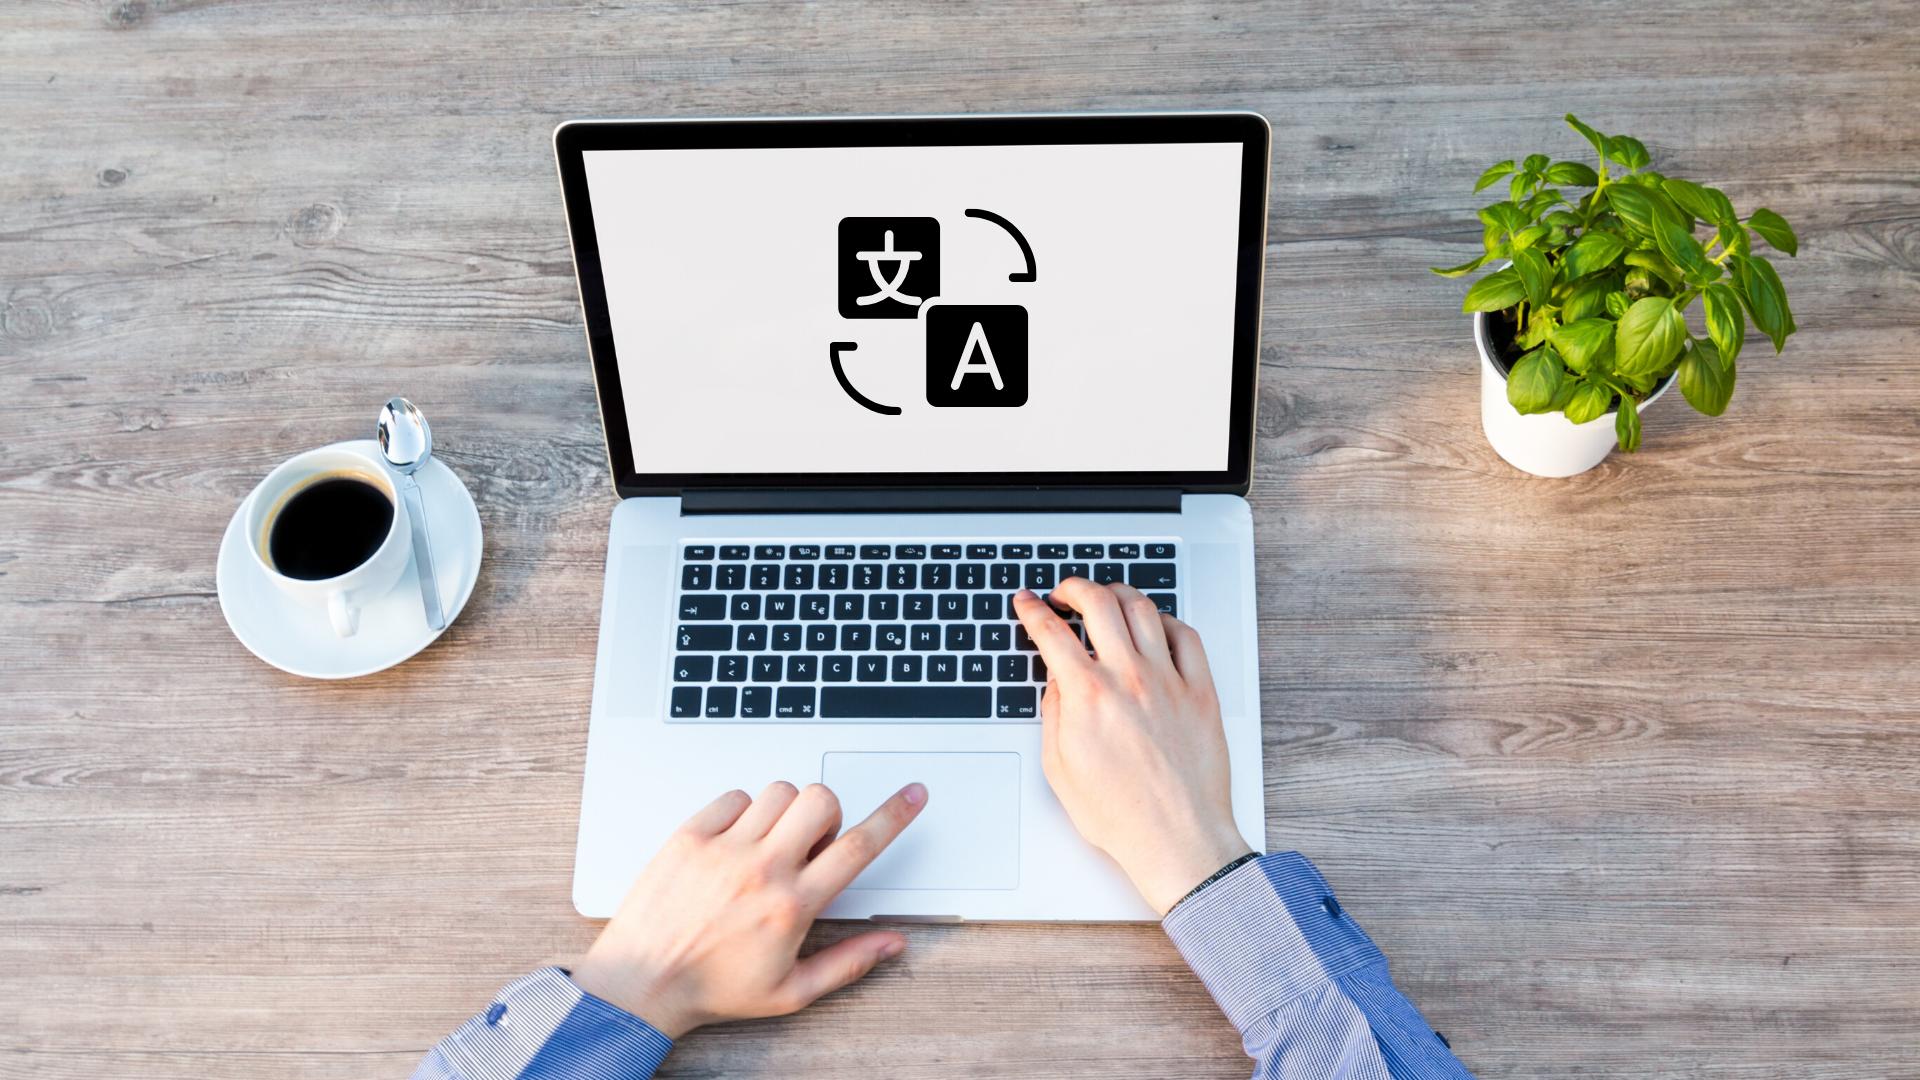 traducir un documento gratis